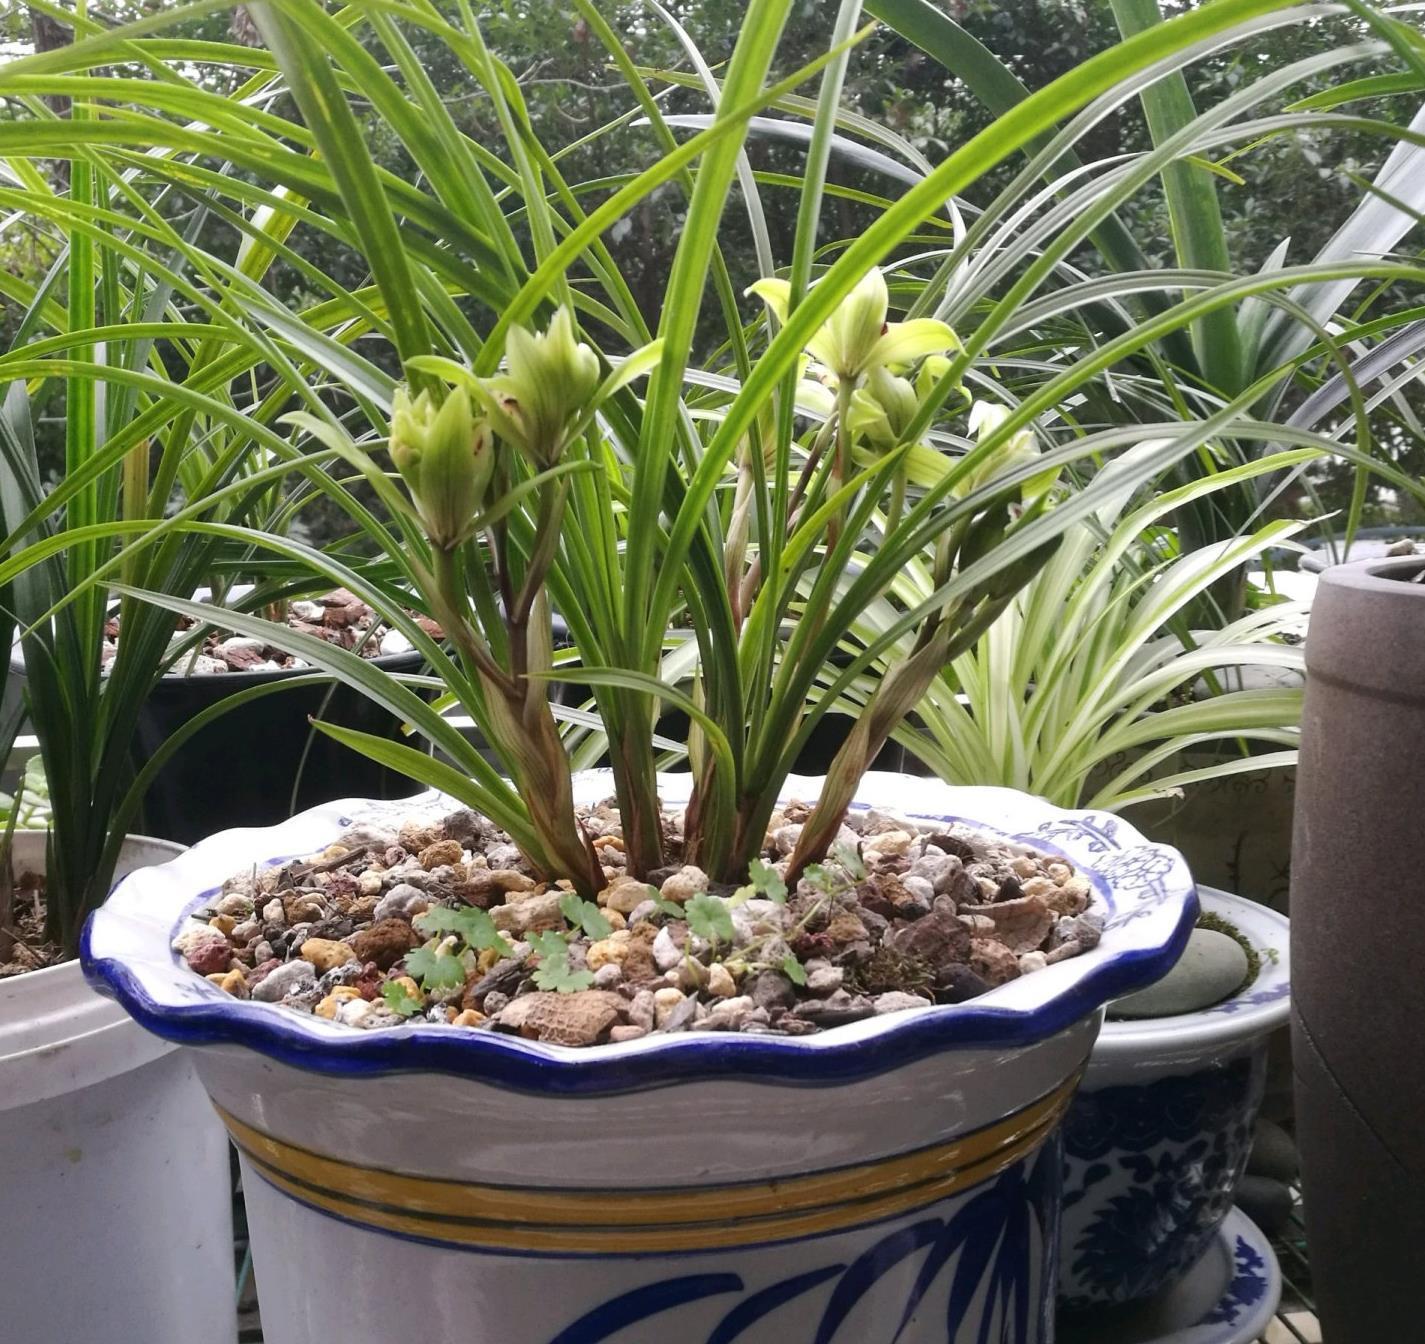 曾经的天价兰花,现在很便宜,花香浓郁,养护简单,很值得栽培